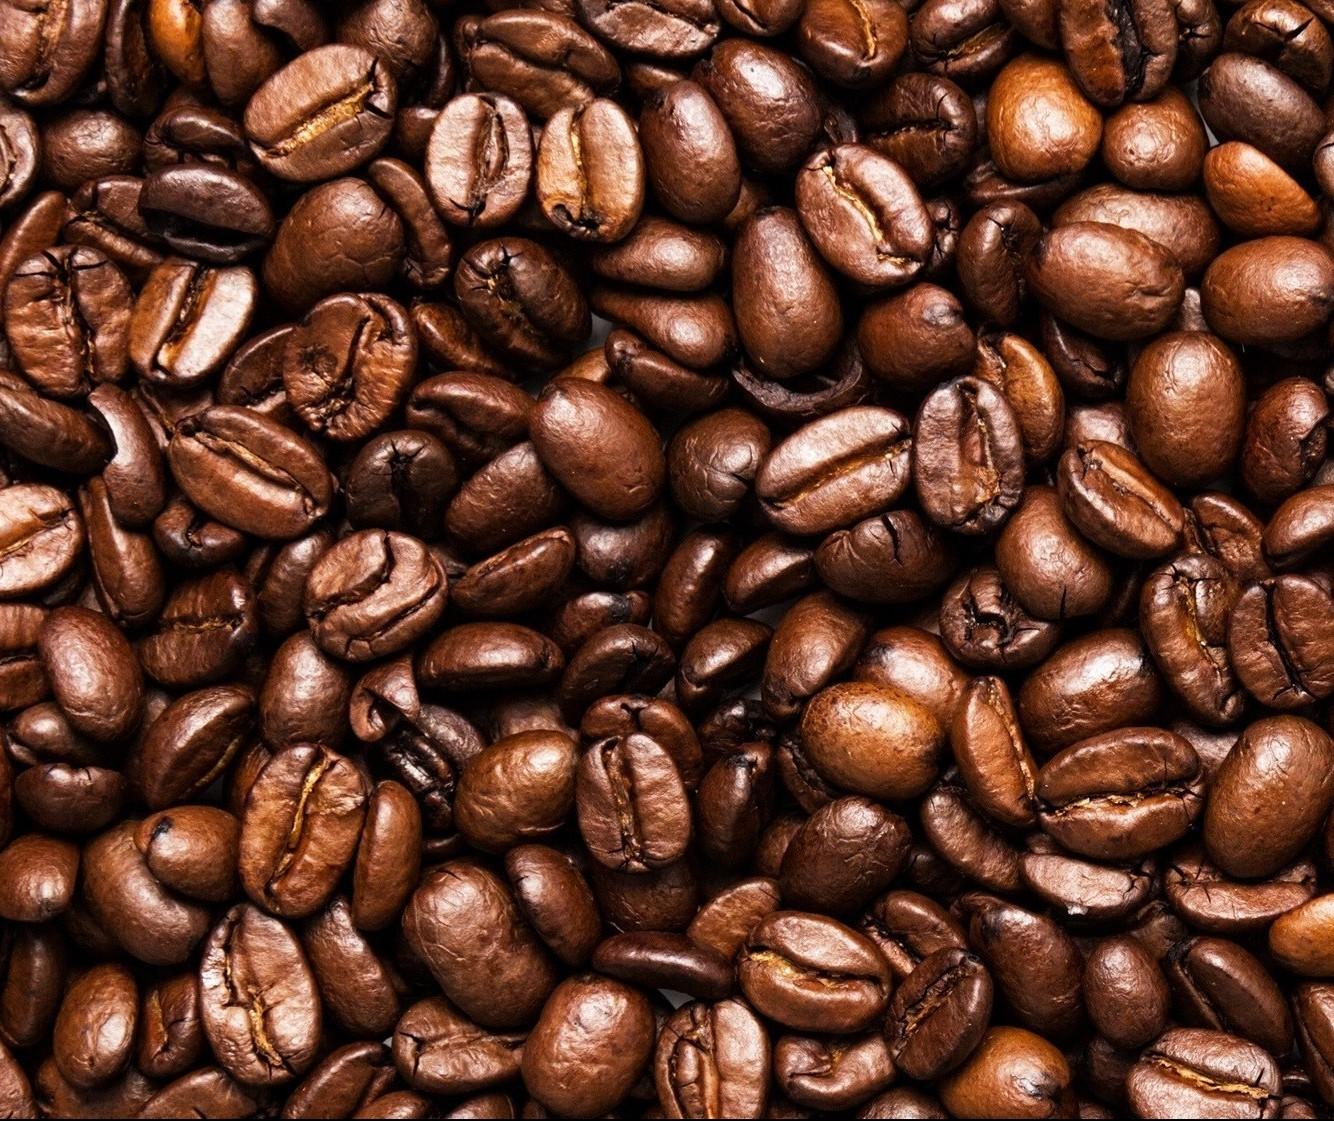 Café em coco custa R$ 6,10 o quilo em Umuarama